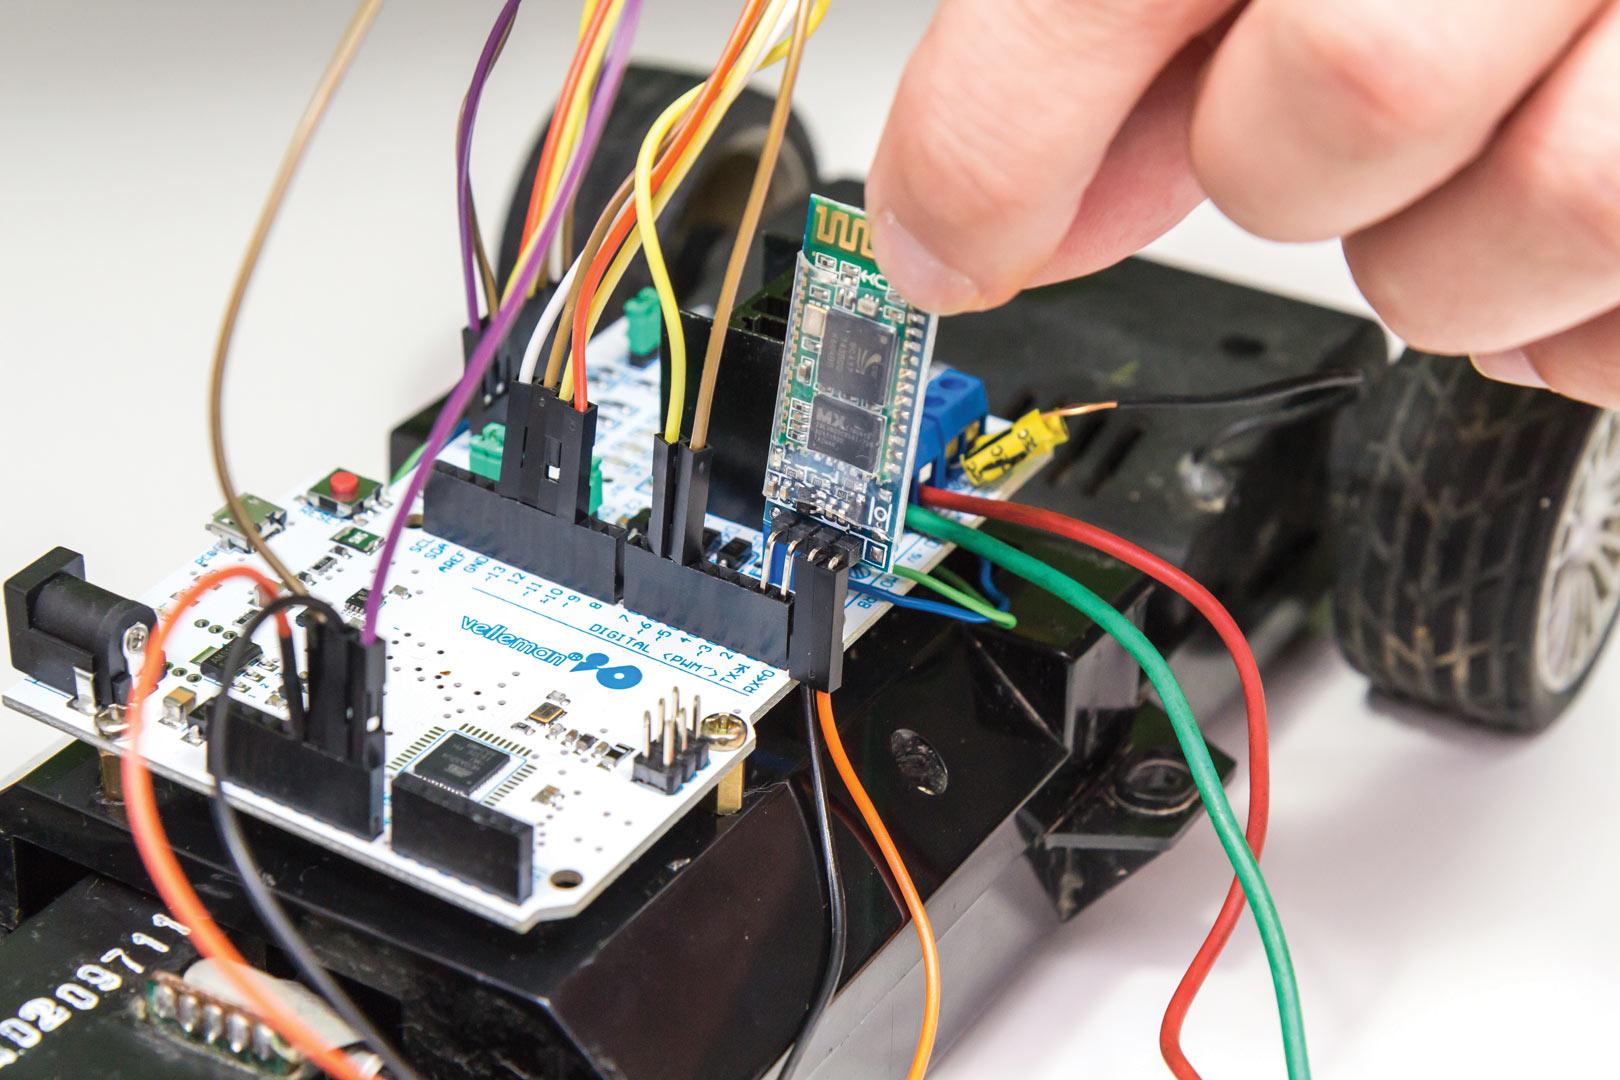 kako spojiti dva ampera u autu karipski datiranje uk